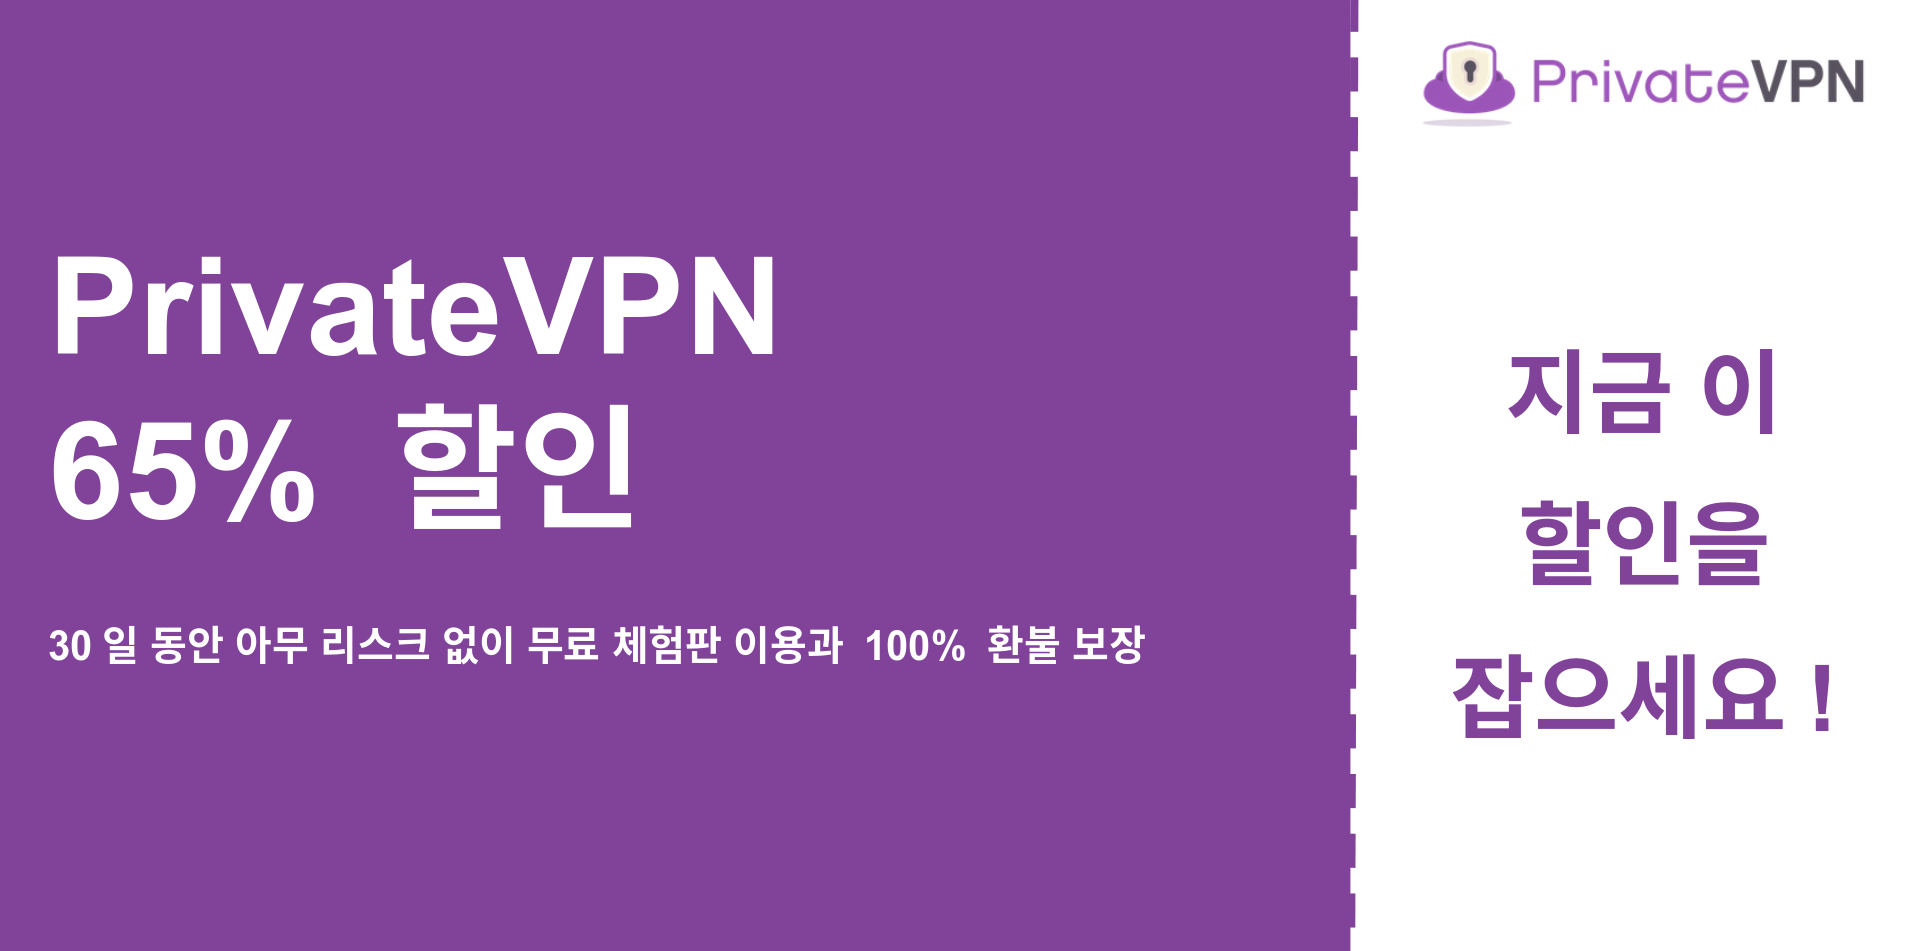 65 % 할인 된 PrivateVPN 메인 쿠폰 배너 그래픽